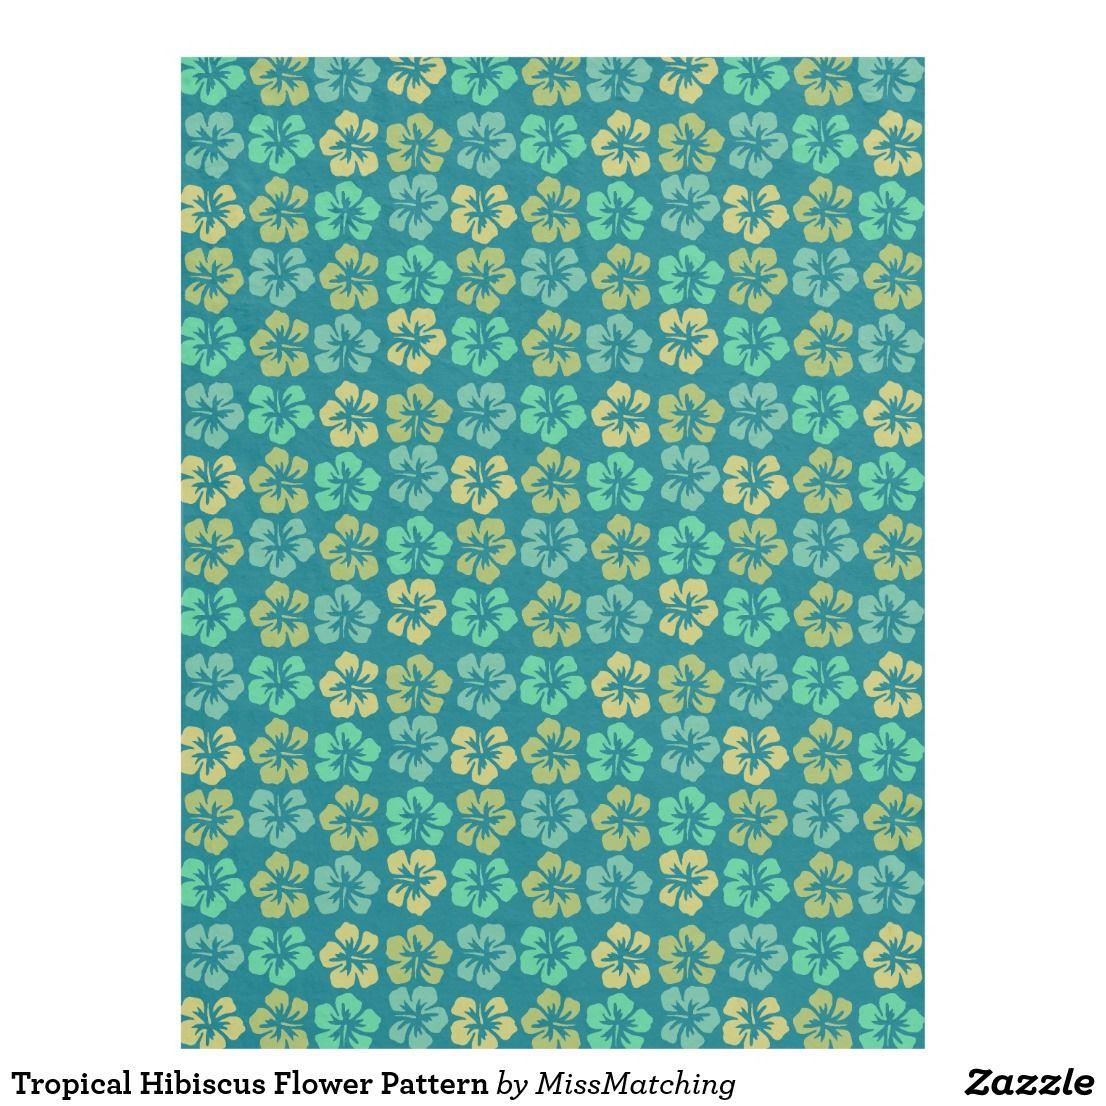 Tropical hibiscus flower pattern fleece blanket fleece blankets